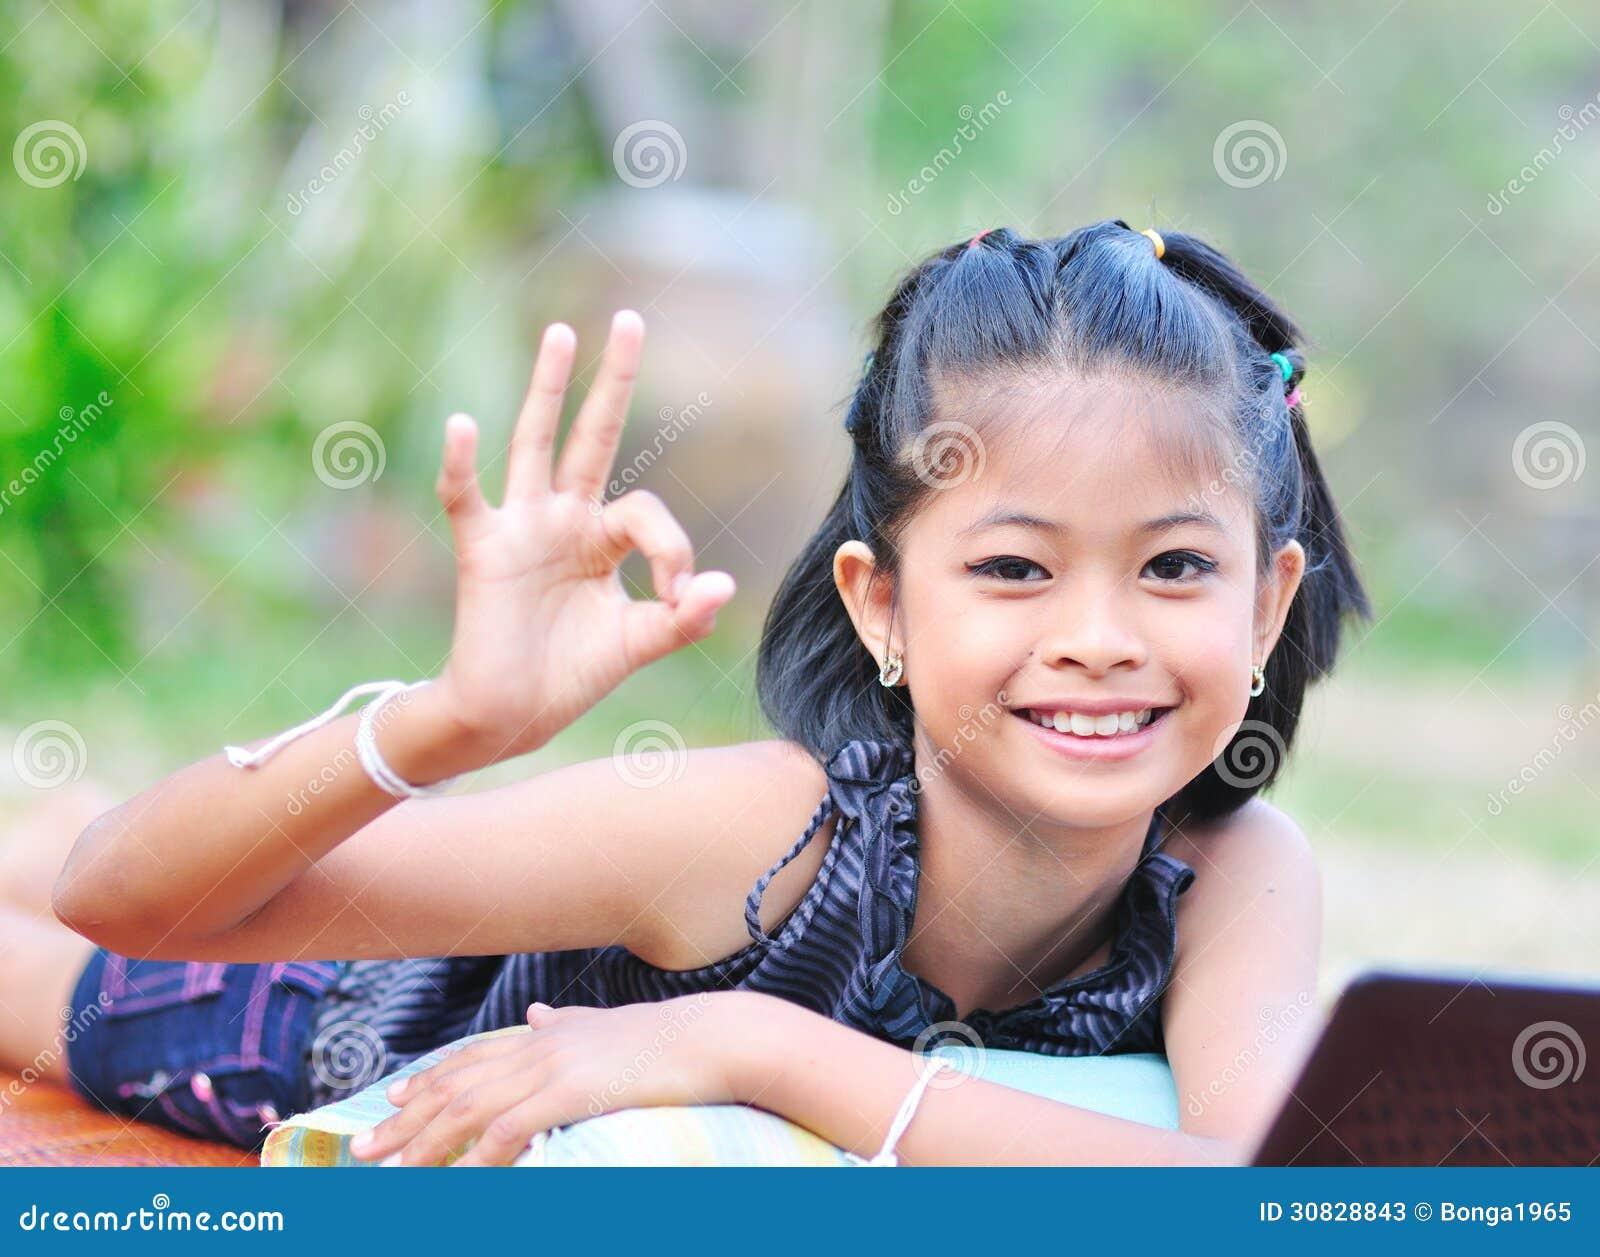 Bambina che mostra okay con la mano